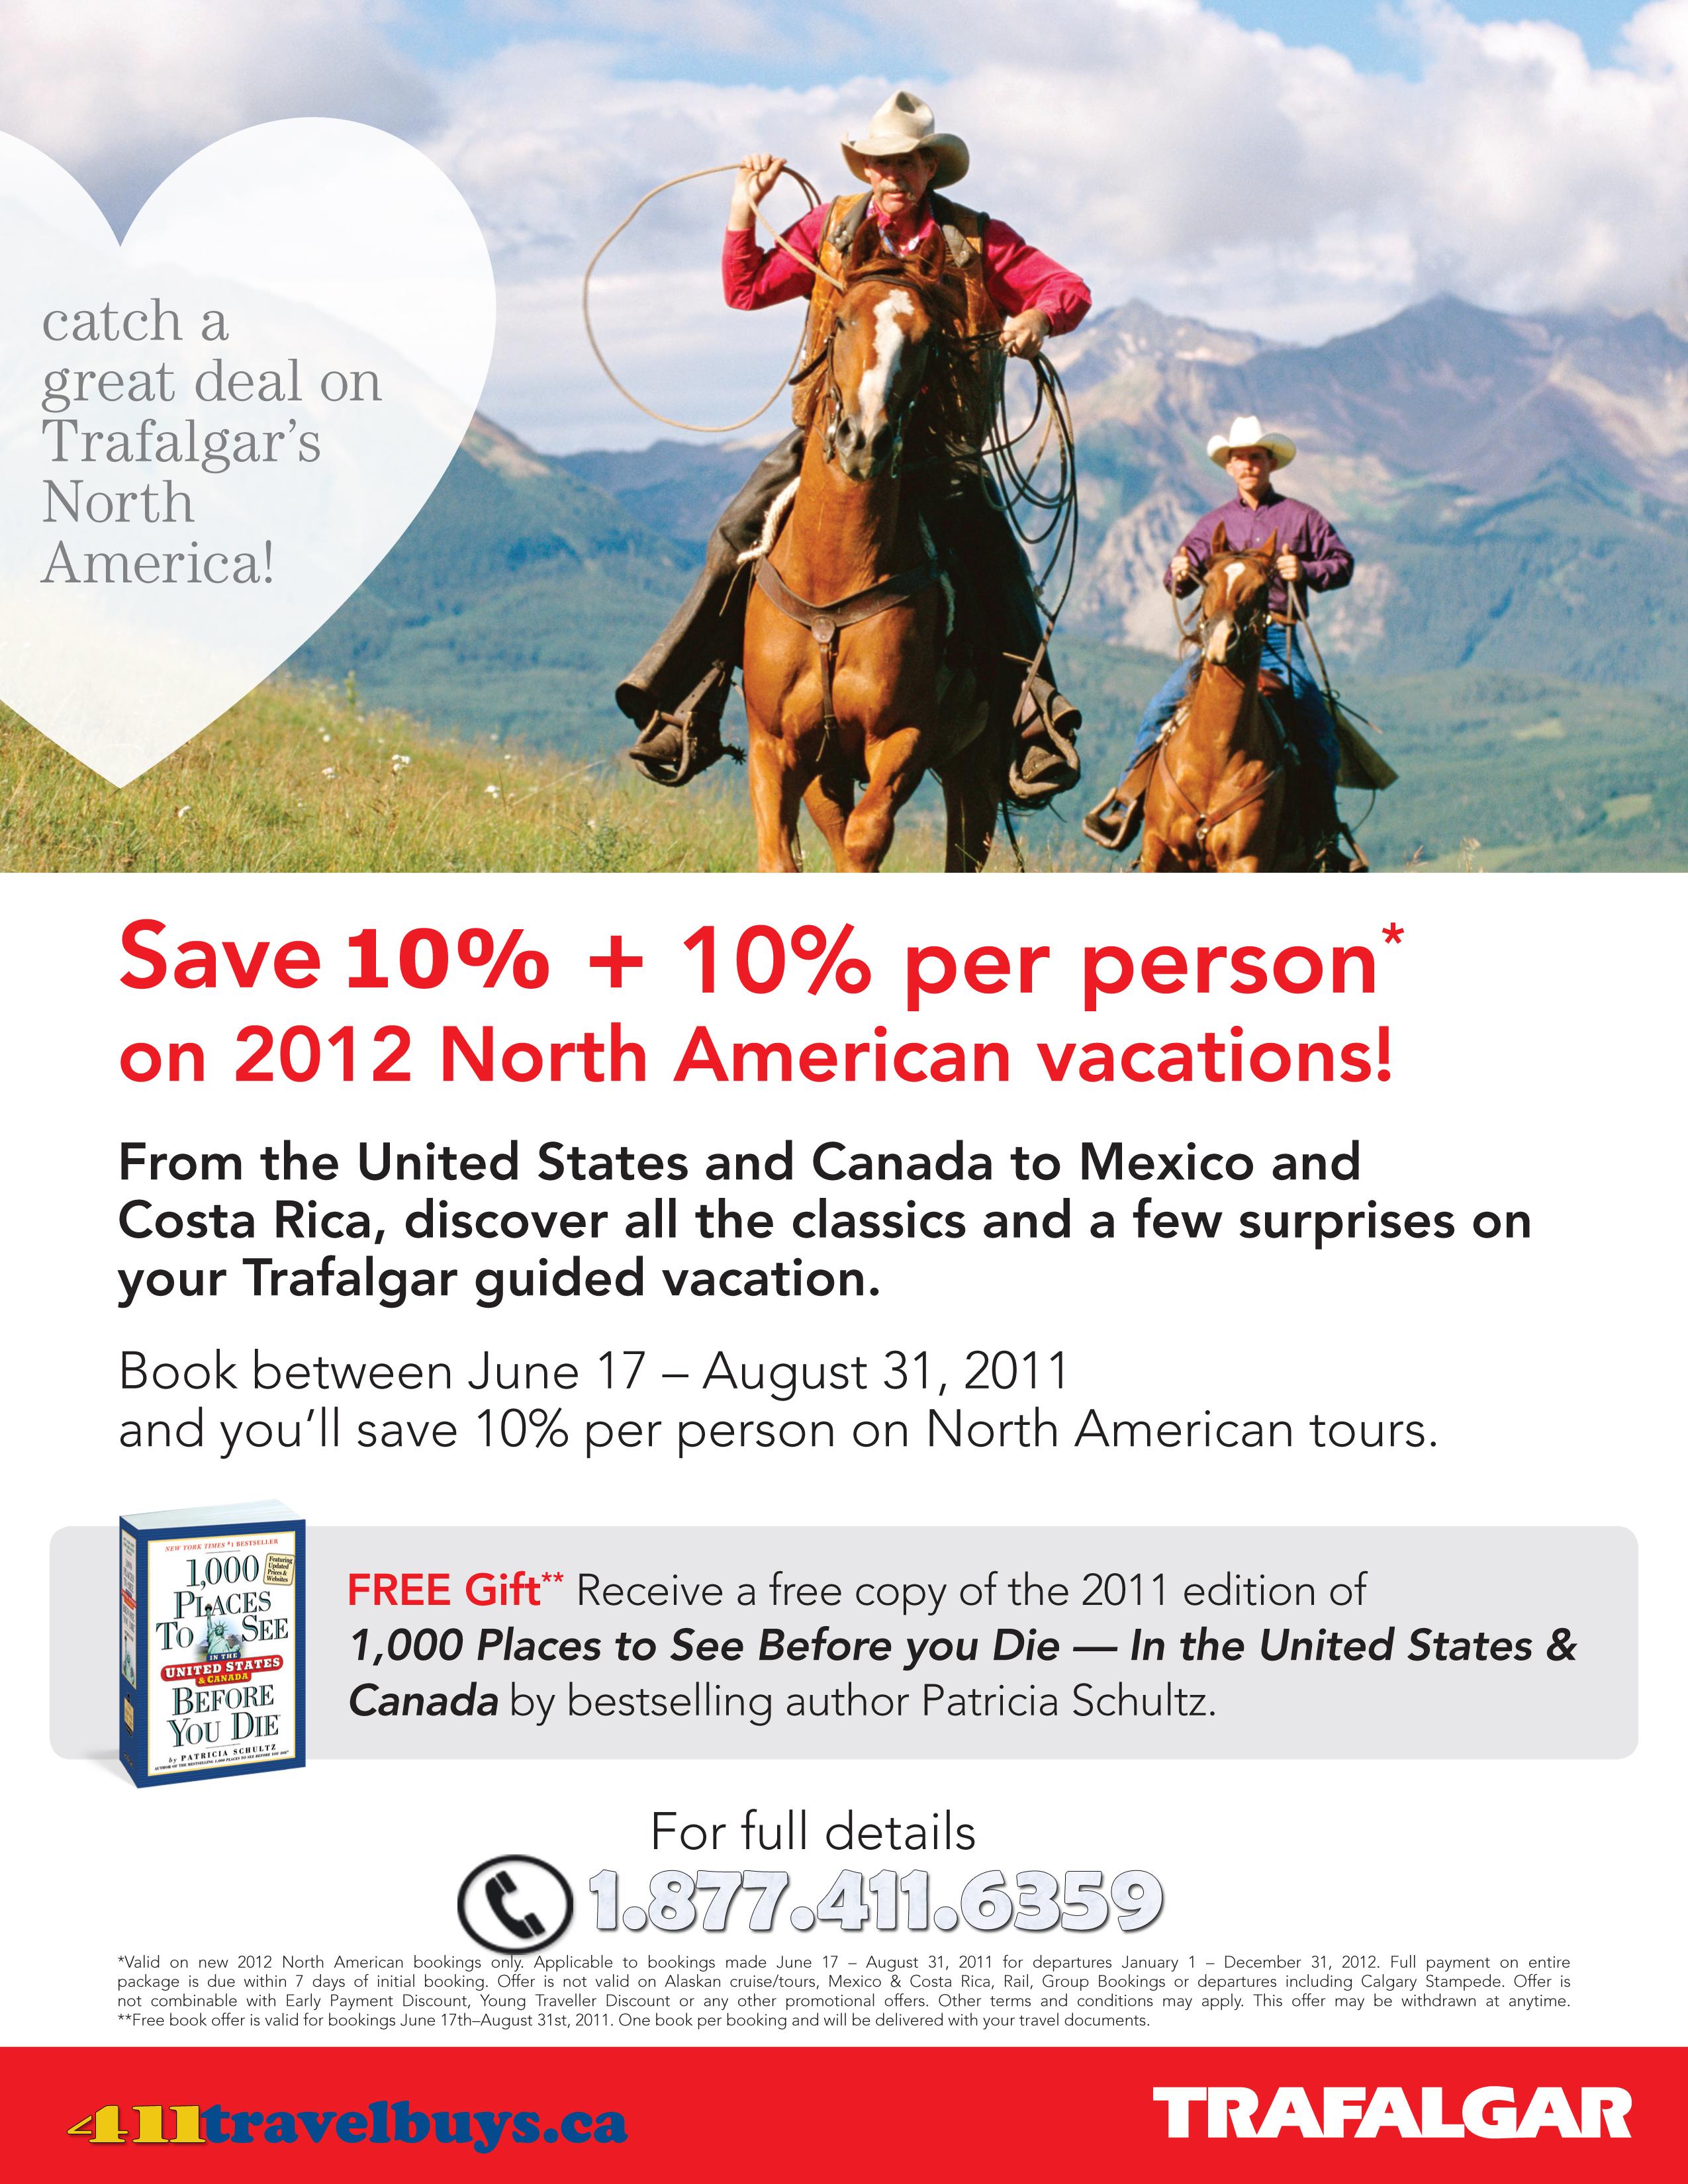 Lock in 2012 Early Guaranteed Price and Save 10% + 10% with Trafalgar!